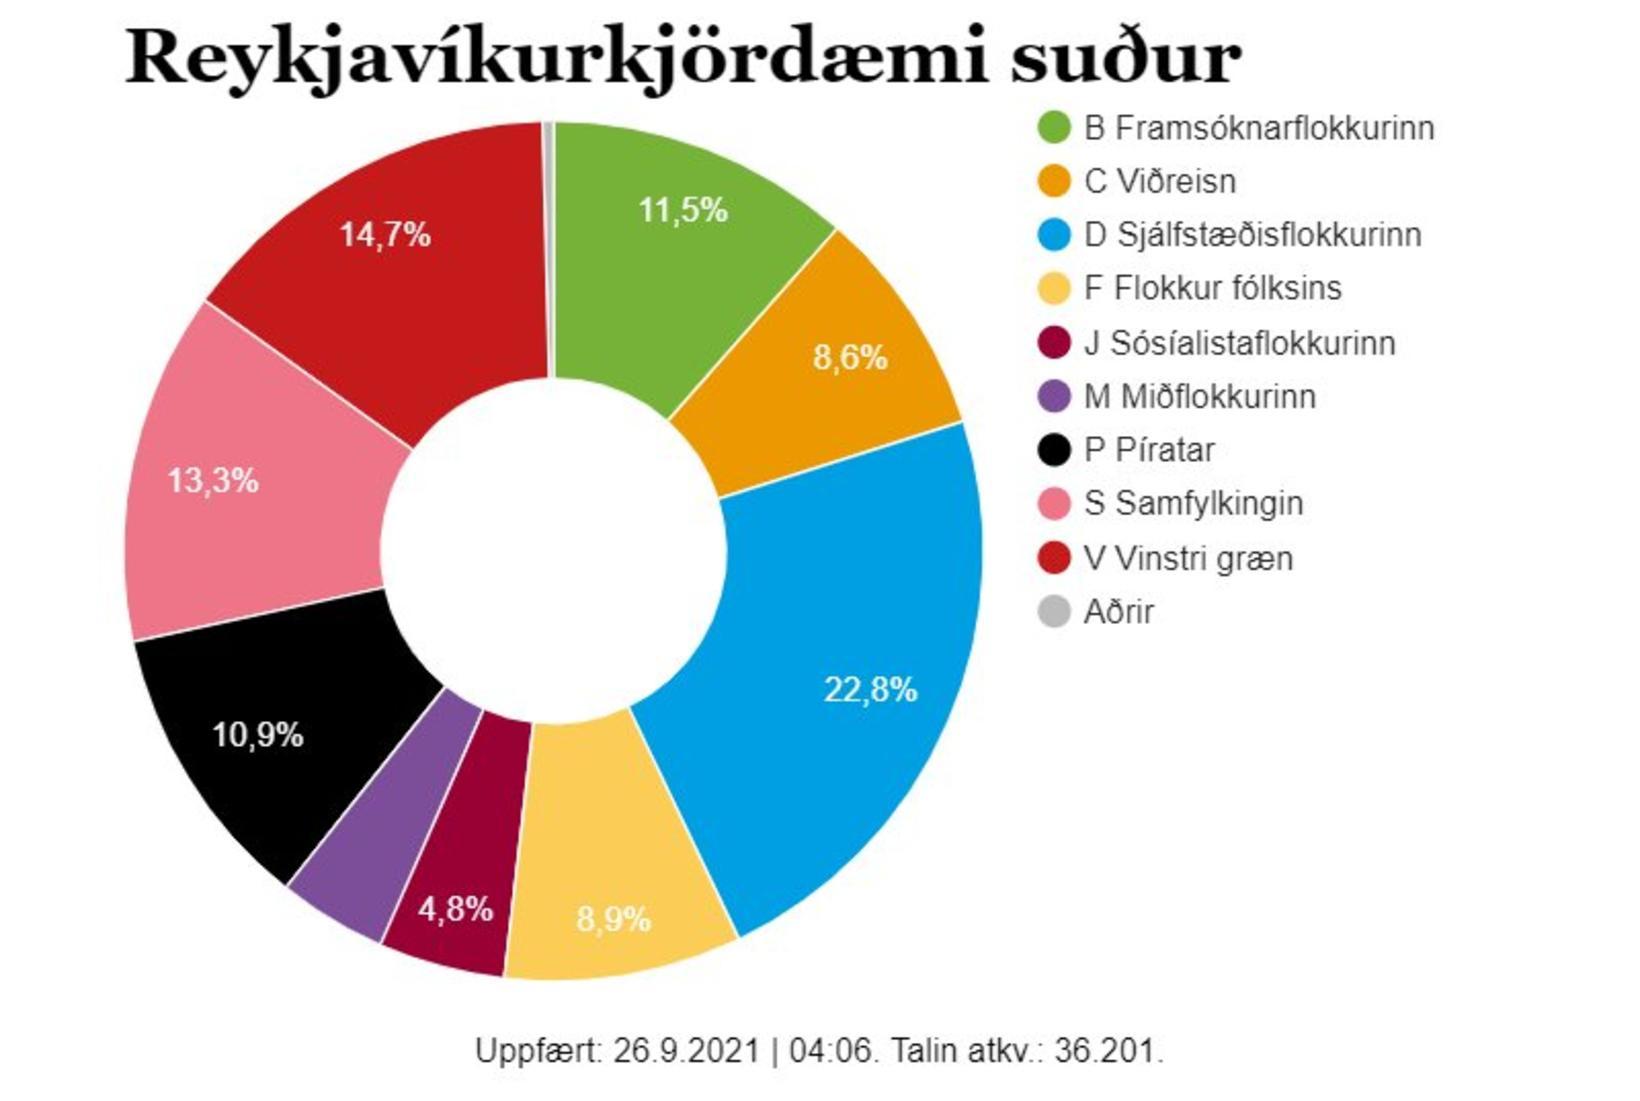 Lokatölur úr Reykjavíkurkjördæmi suður.